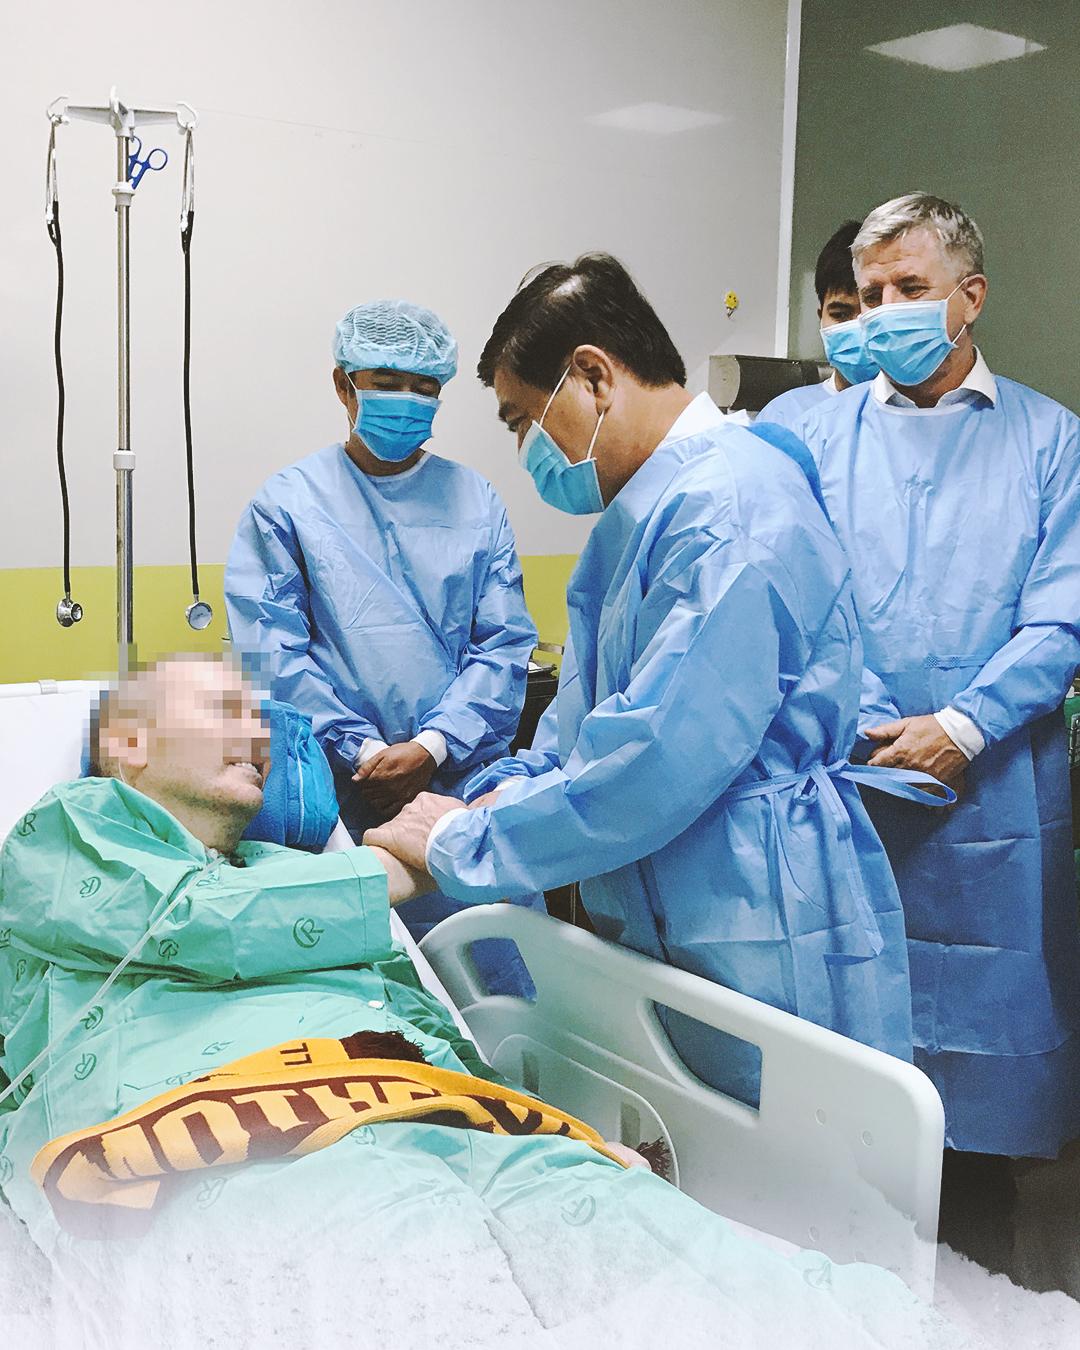 """Ký ức 116 ngày làm nên kỳ tích của nền y học Việt Nam, đưa bệnh nhân 91 nhiễm Covid-19 từ cõi chết trở về: """"Đó là điều đặc biệt nhất trong cuộc đời bác sĩ của chúng tôi"""" - Ảnh 6."""